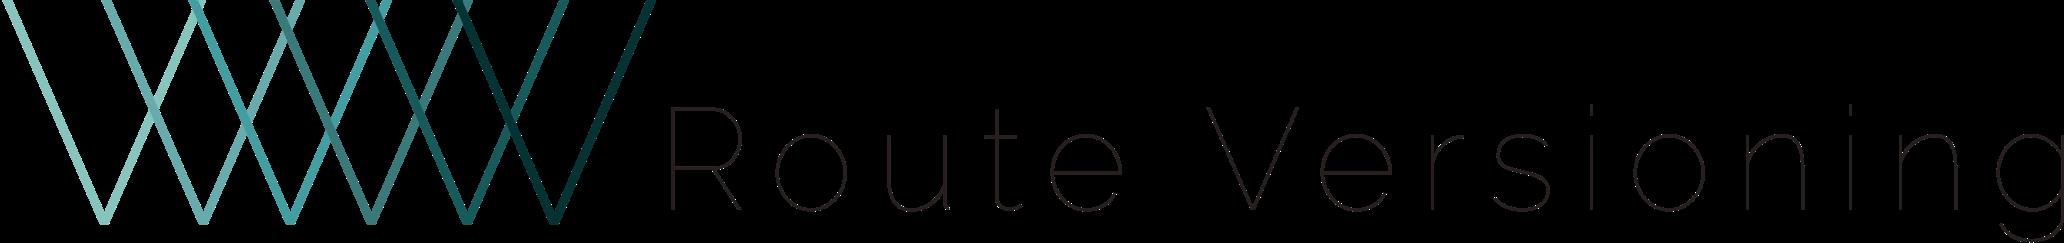 Route-v-logo